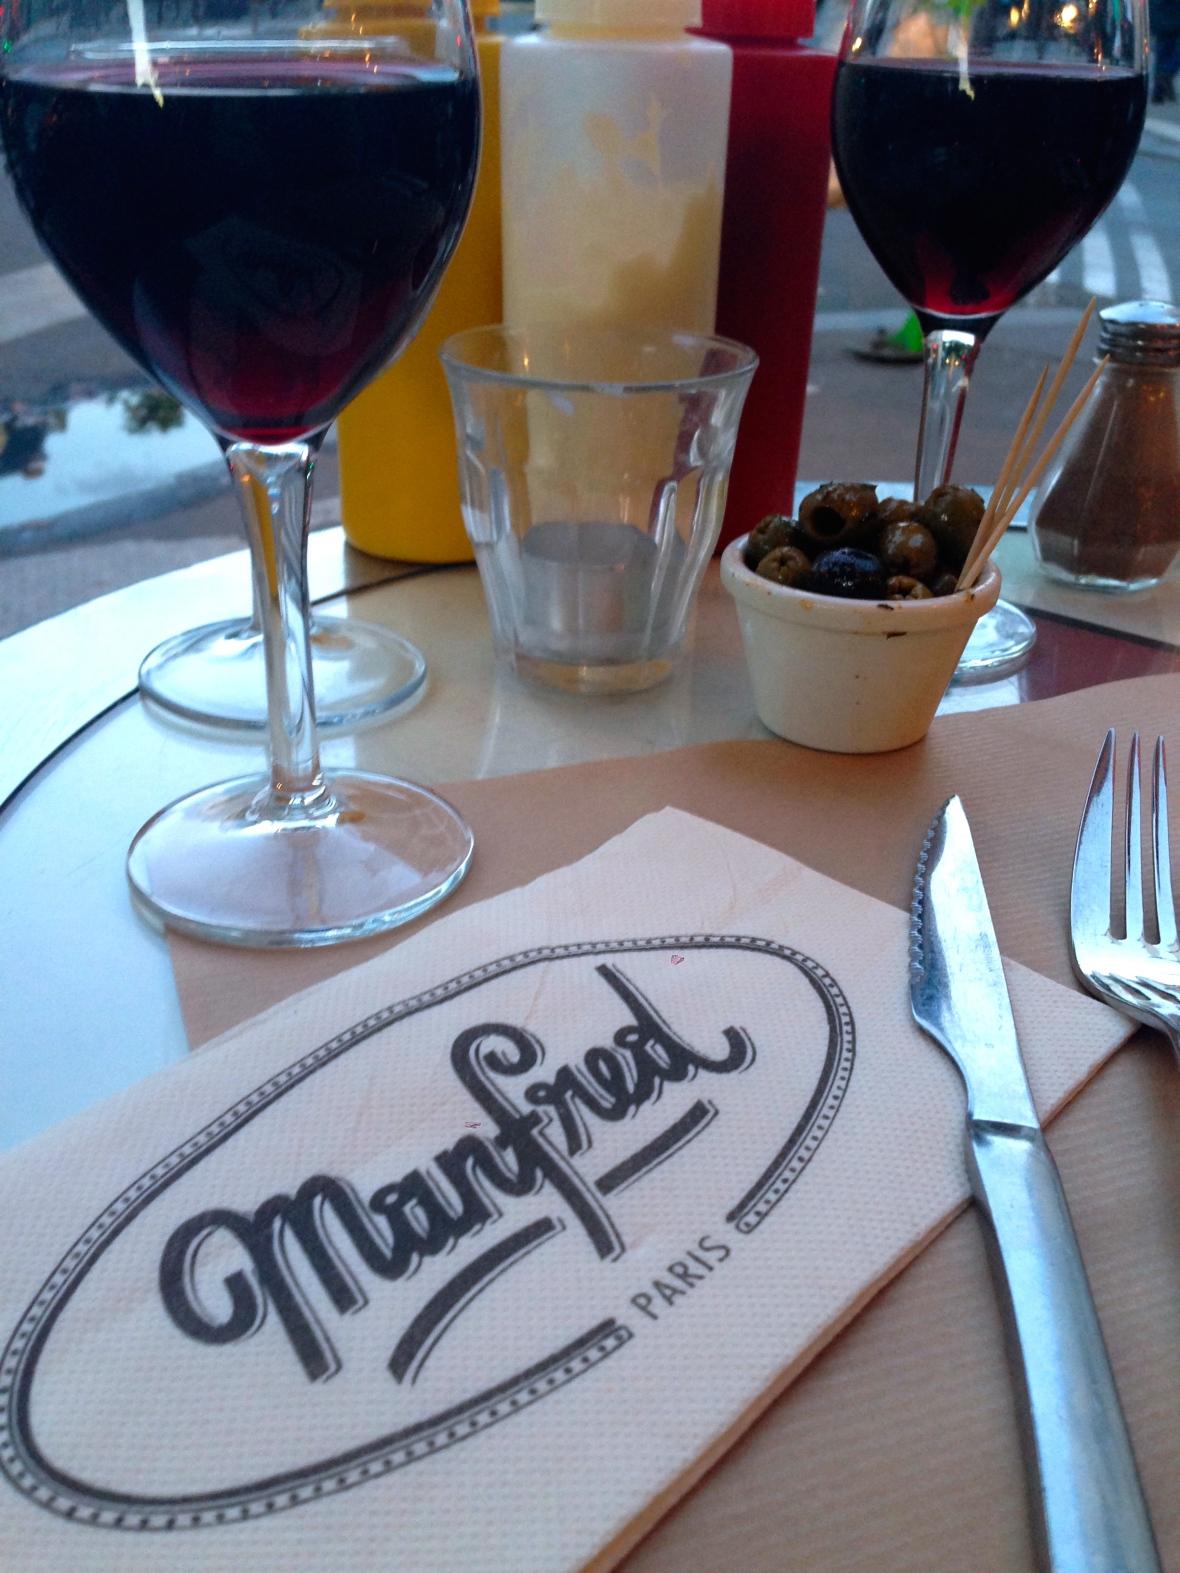 Parisian Cafe Manfred - Paris France